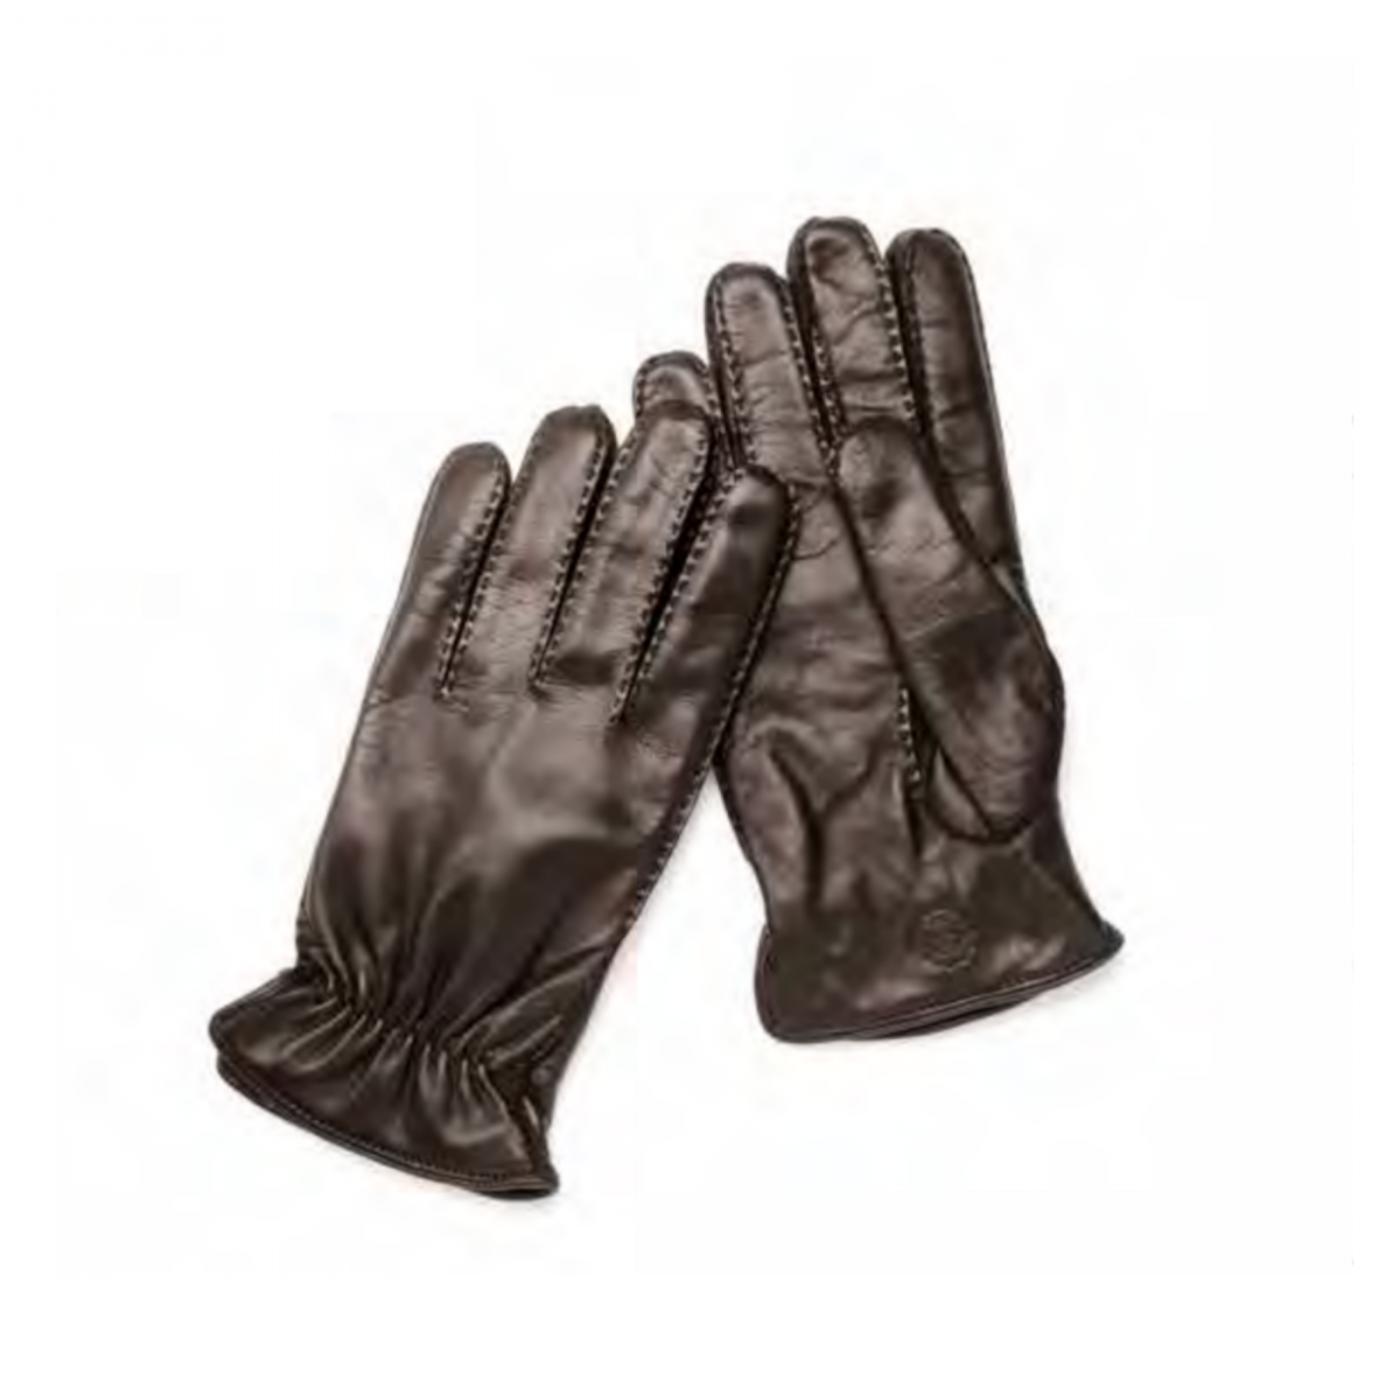 AG Spalding & Bros Glove Guanti in vera pelle fodera in